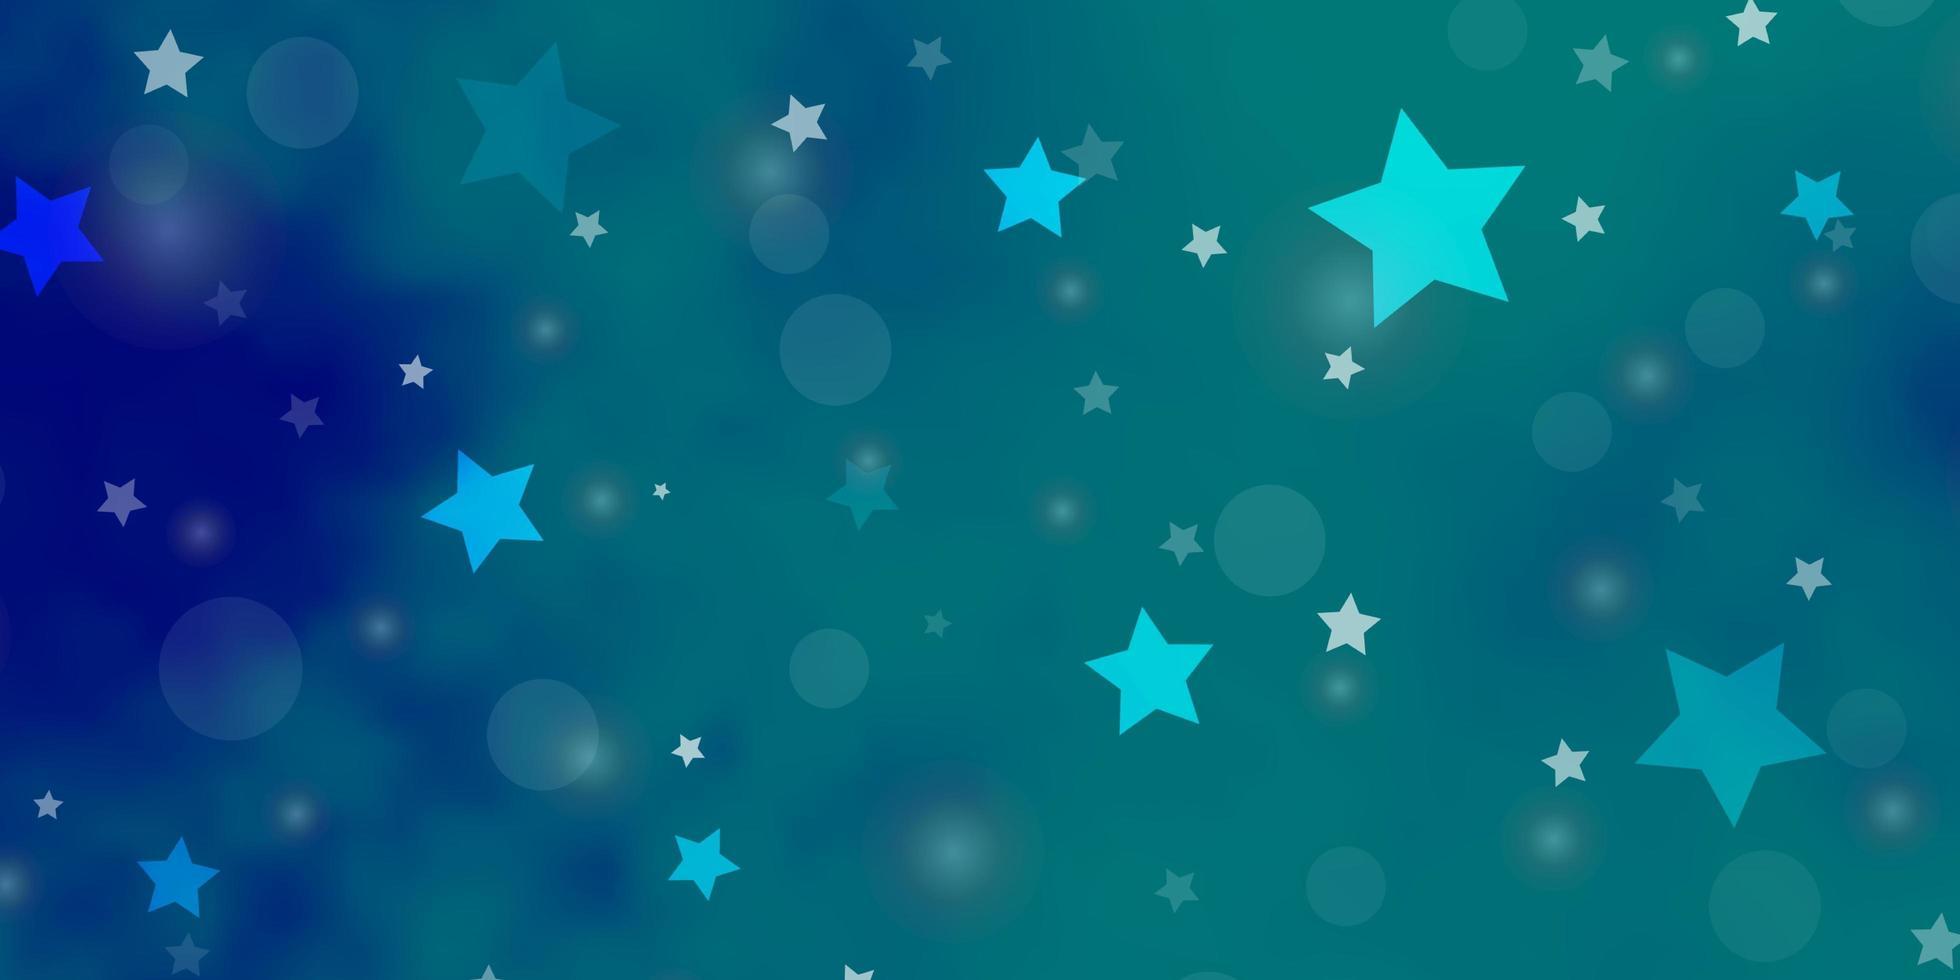 lichtblauw vectorpatroon met cirkels, sterren. vector